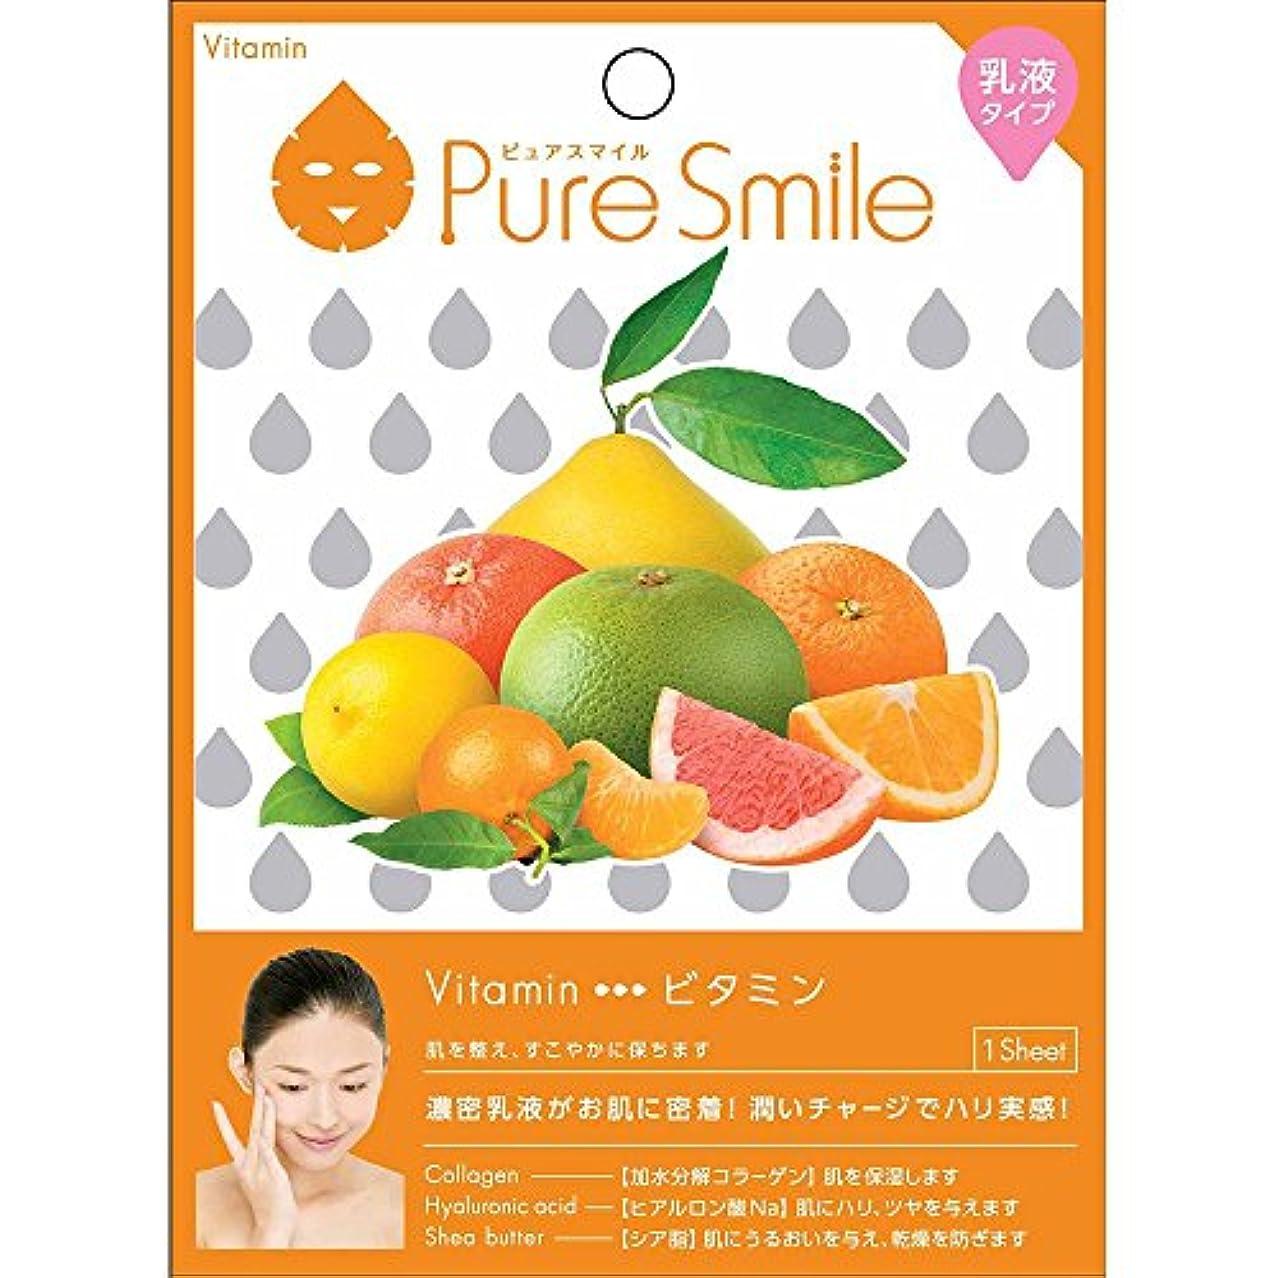 ほんの補充置くためにパックPure Smile(ピュアスマイル) 乳液エッセンスマスク 1 枚 ビタミン